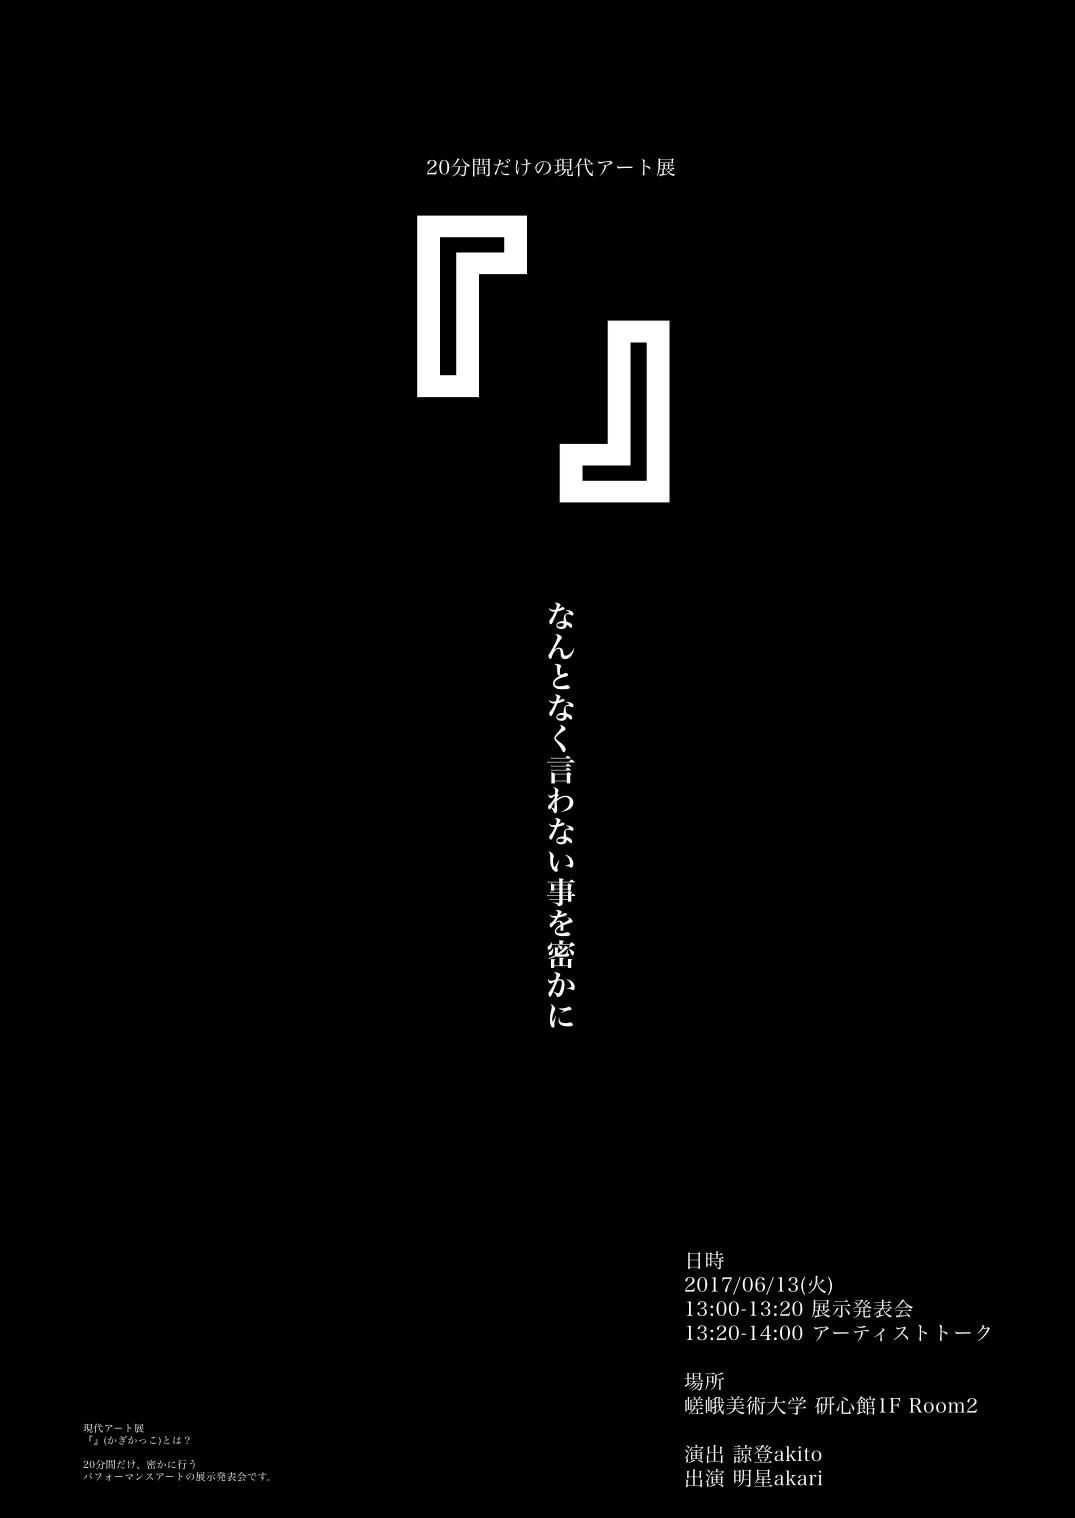 美術 大学 嵯峨